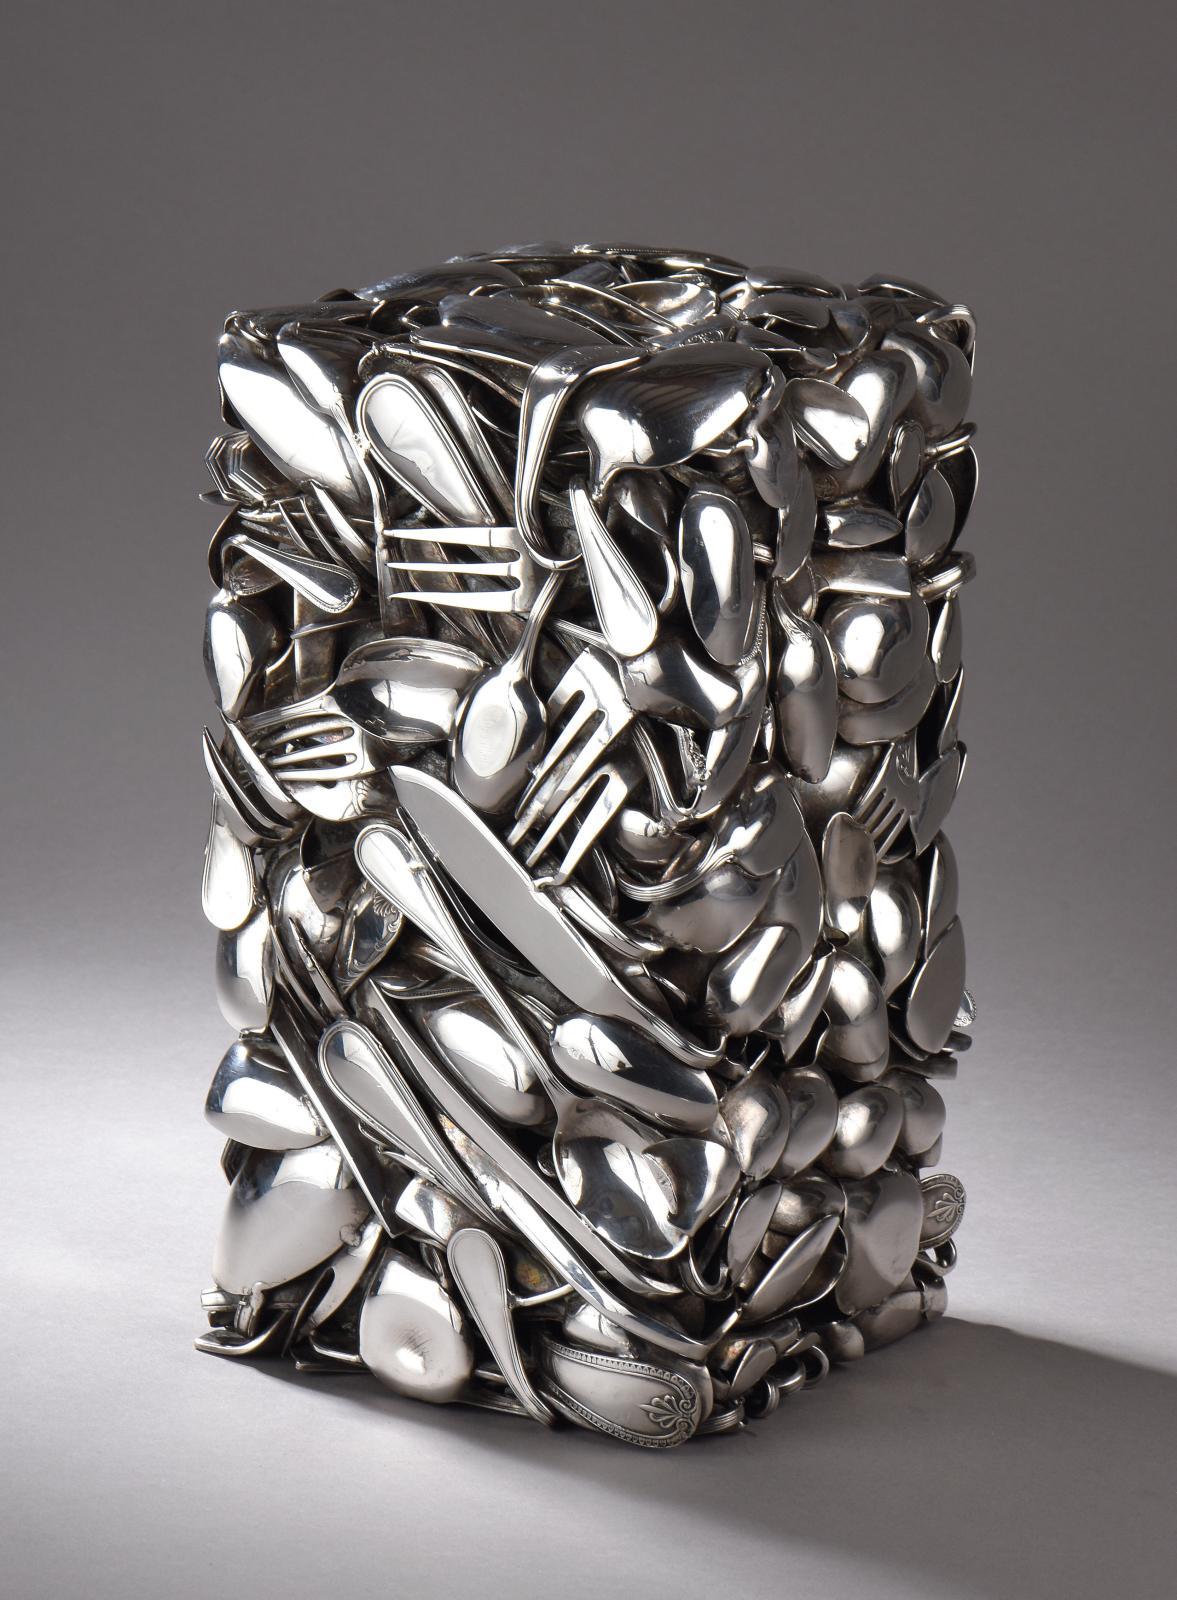 """César Baldaccini, aka César (1921-1998), """"Compression de couverts en métal argenté"""", silver-plated metal cutlery sculpture, 29 x 15.5 x 15.5 cm. Paris"""